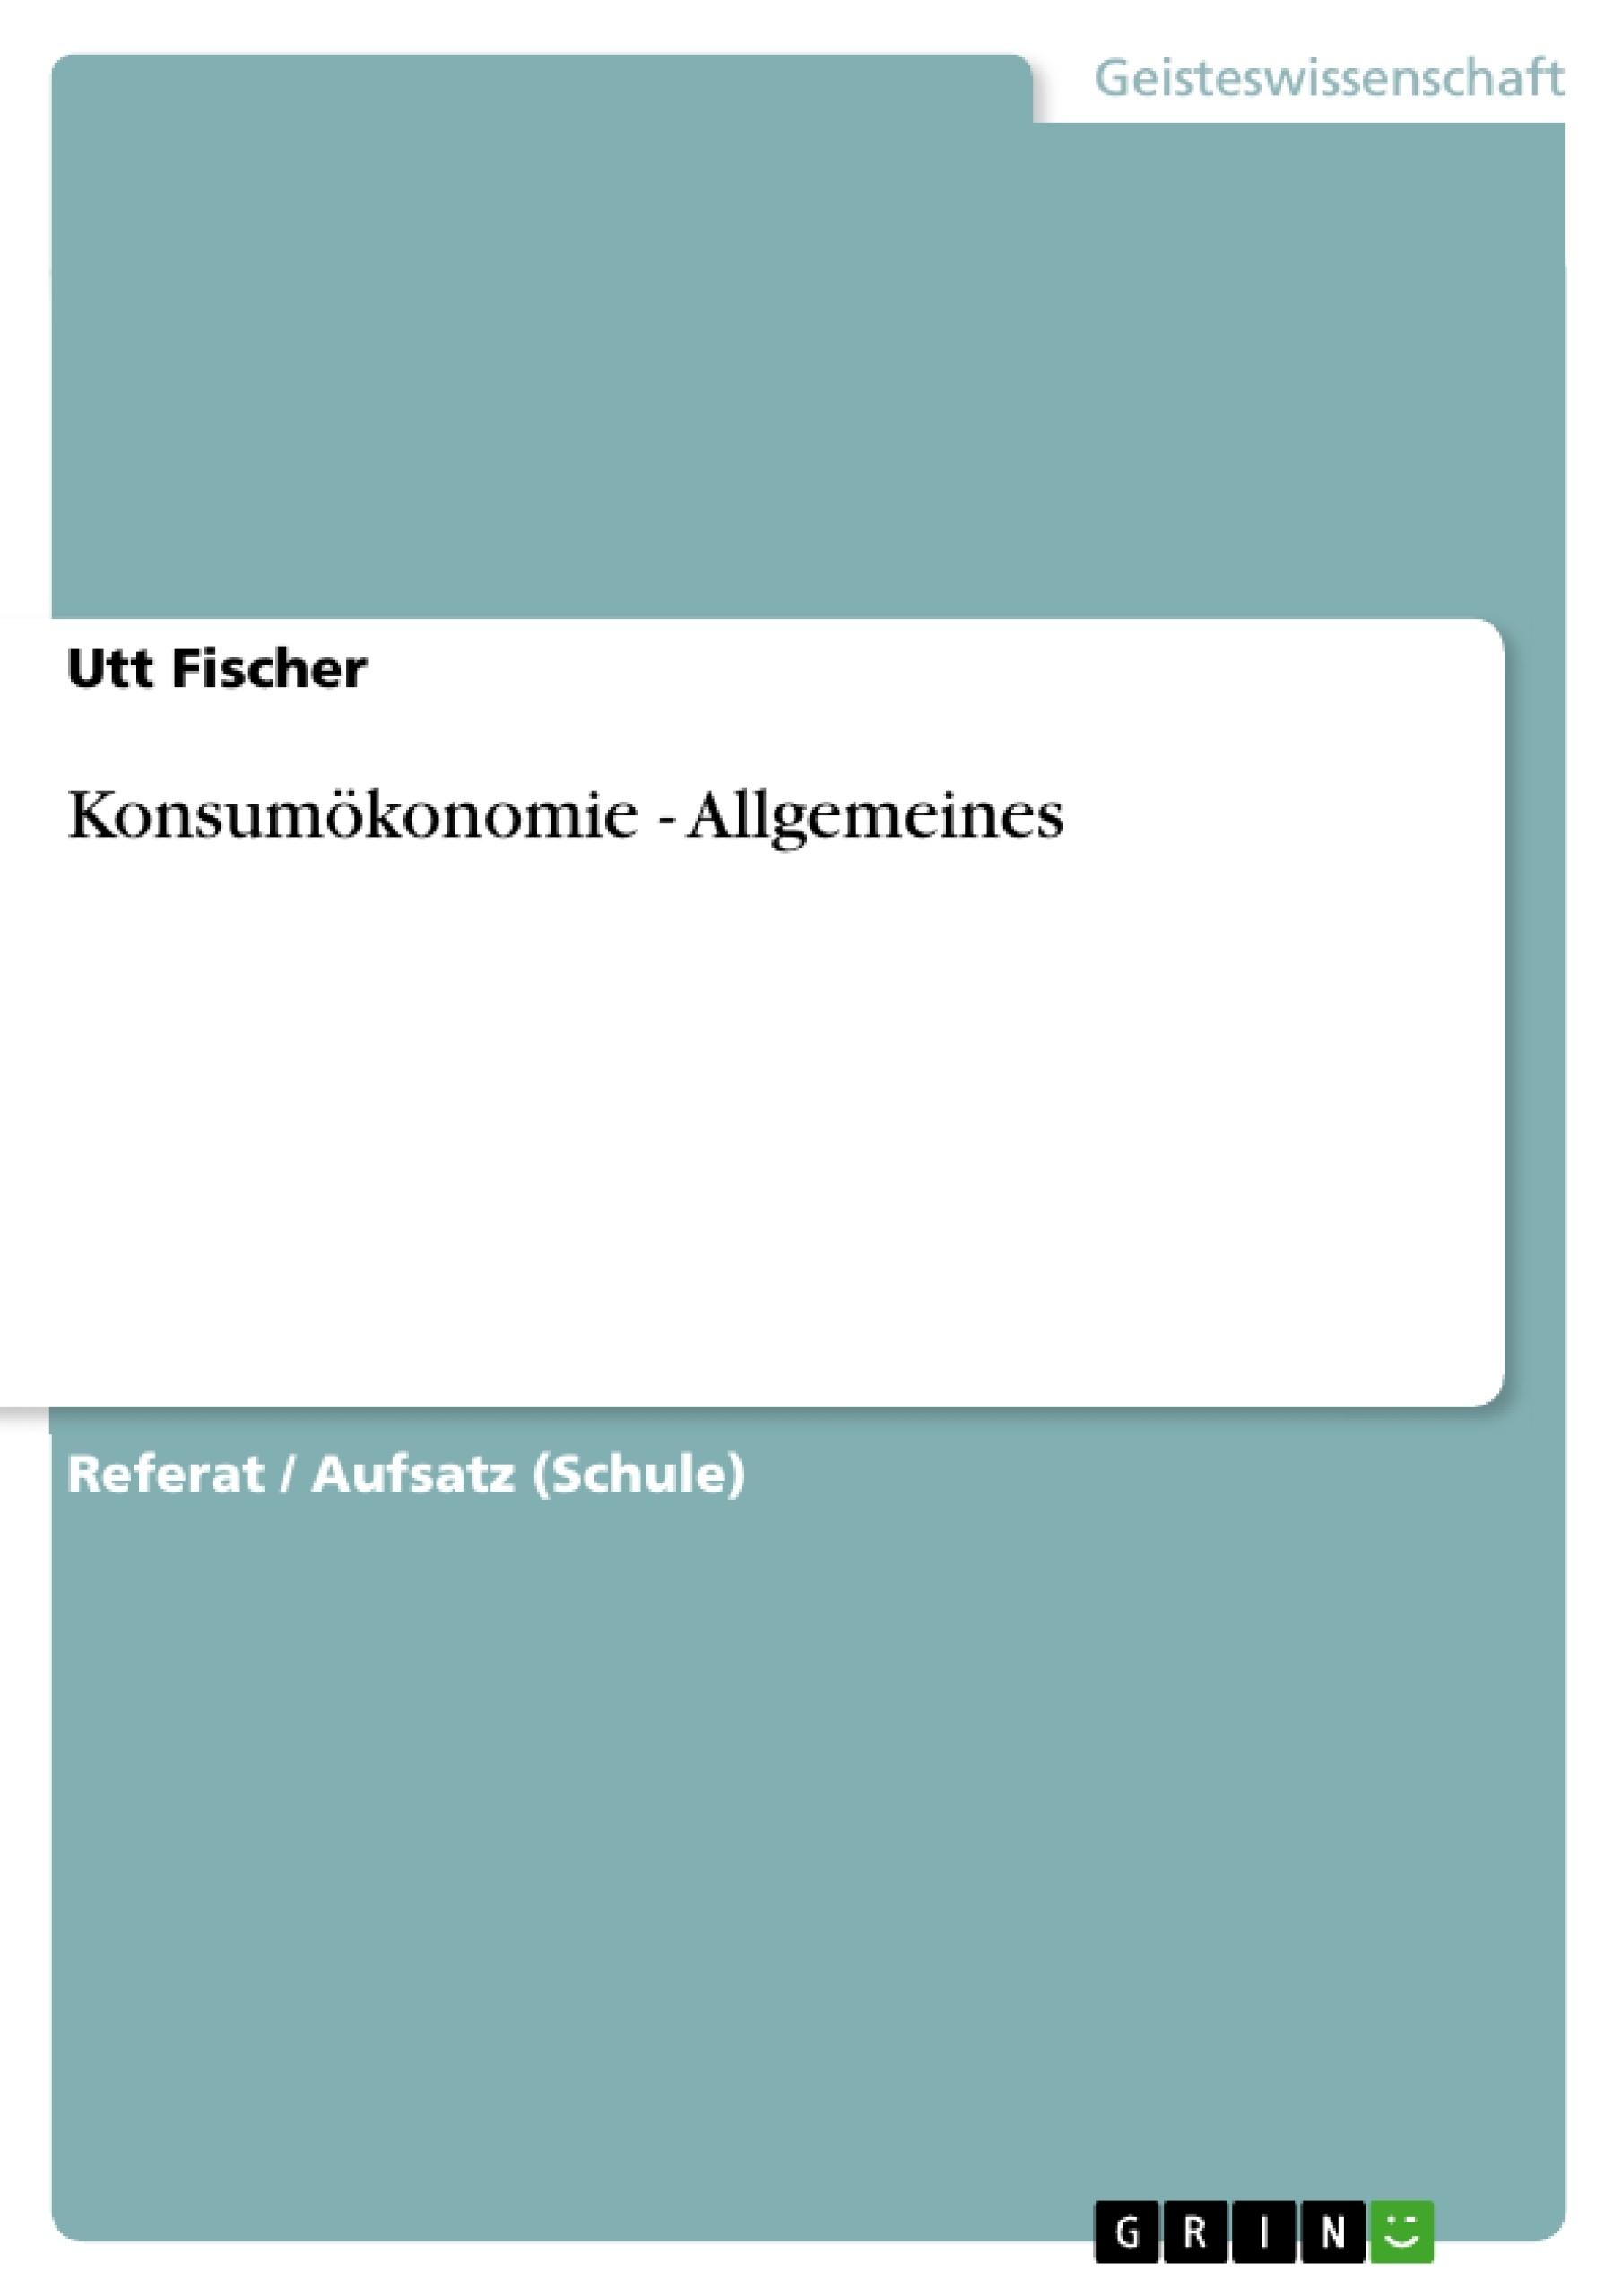 Titel: Konsumökonomie - Allgemeines